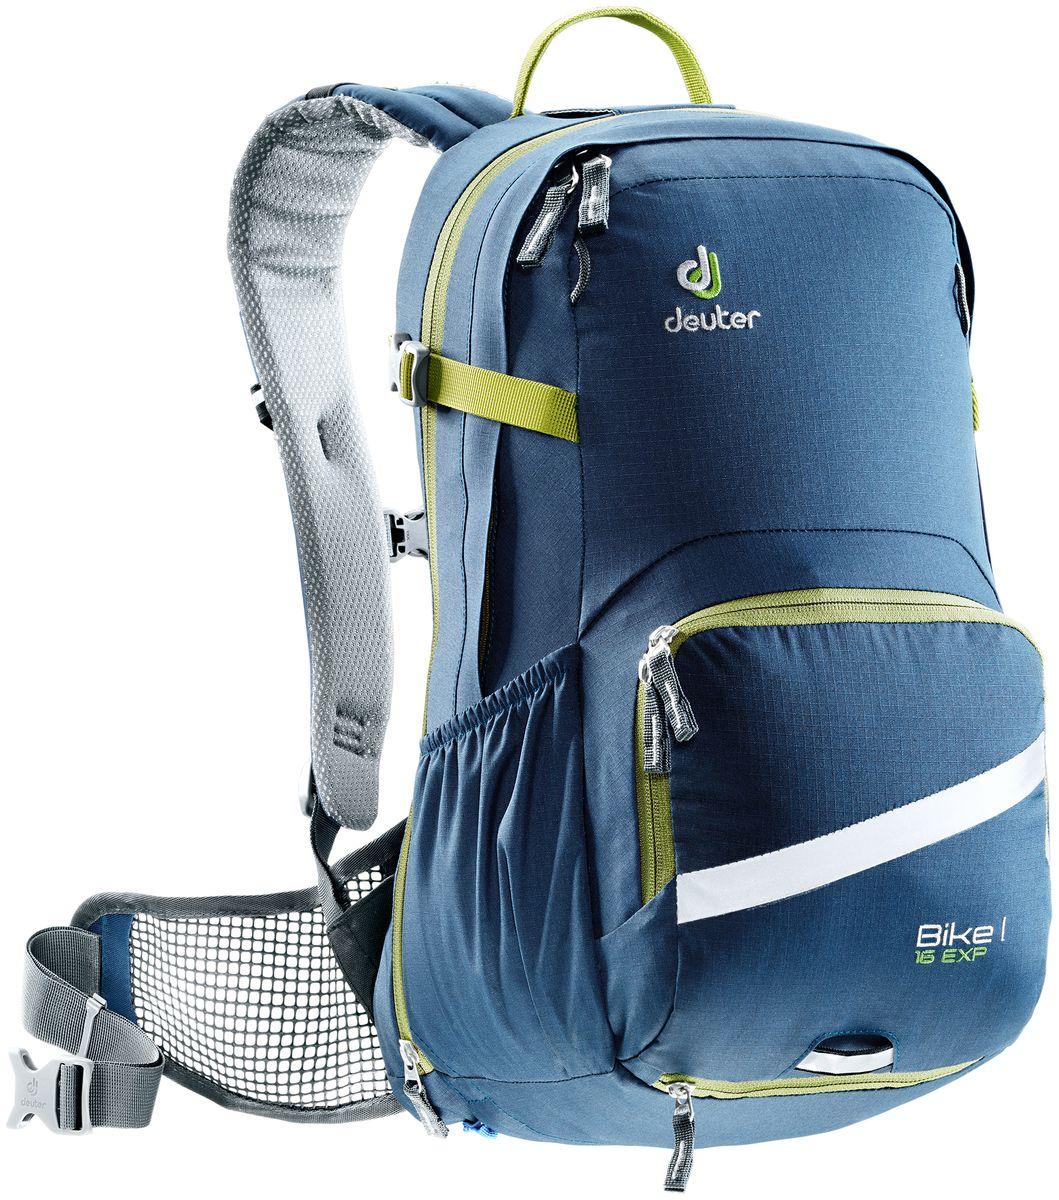 Рюкзак Deuter Bike I Air EXP 16, цвет: хаки, темно-синий, 16 л рюкзак deuter bike compact exp 10 sl blueberry mint